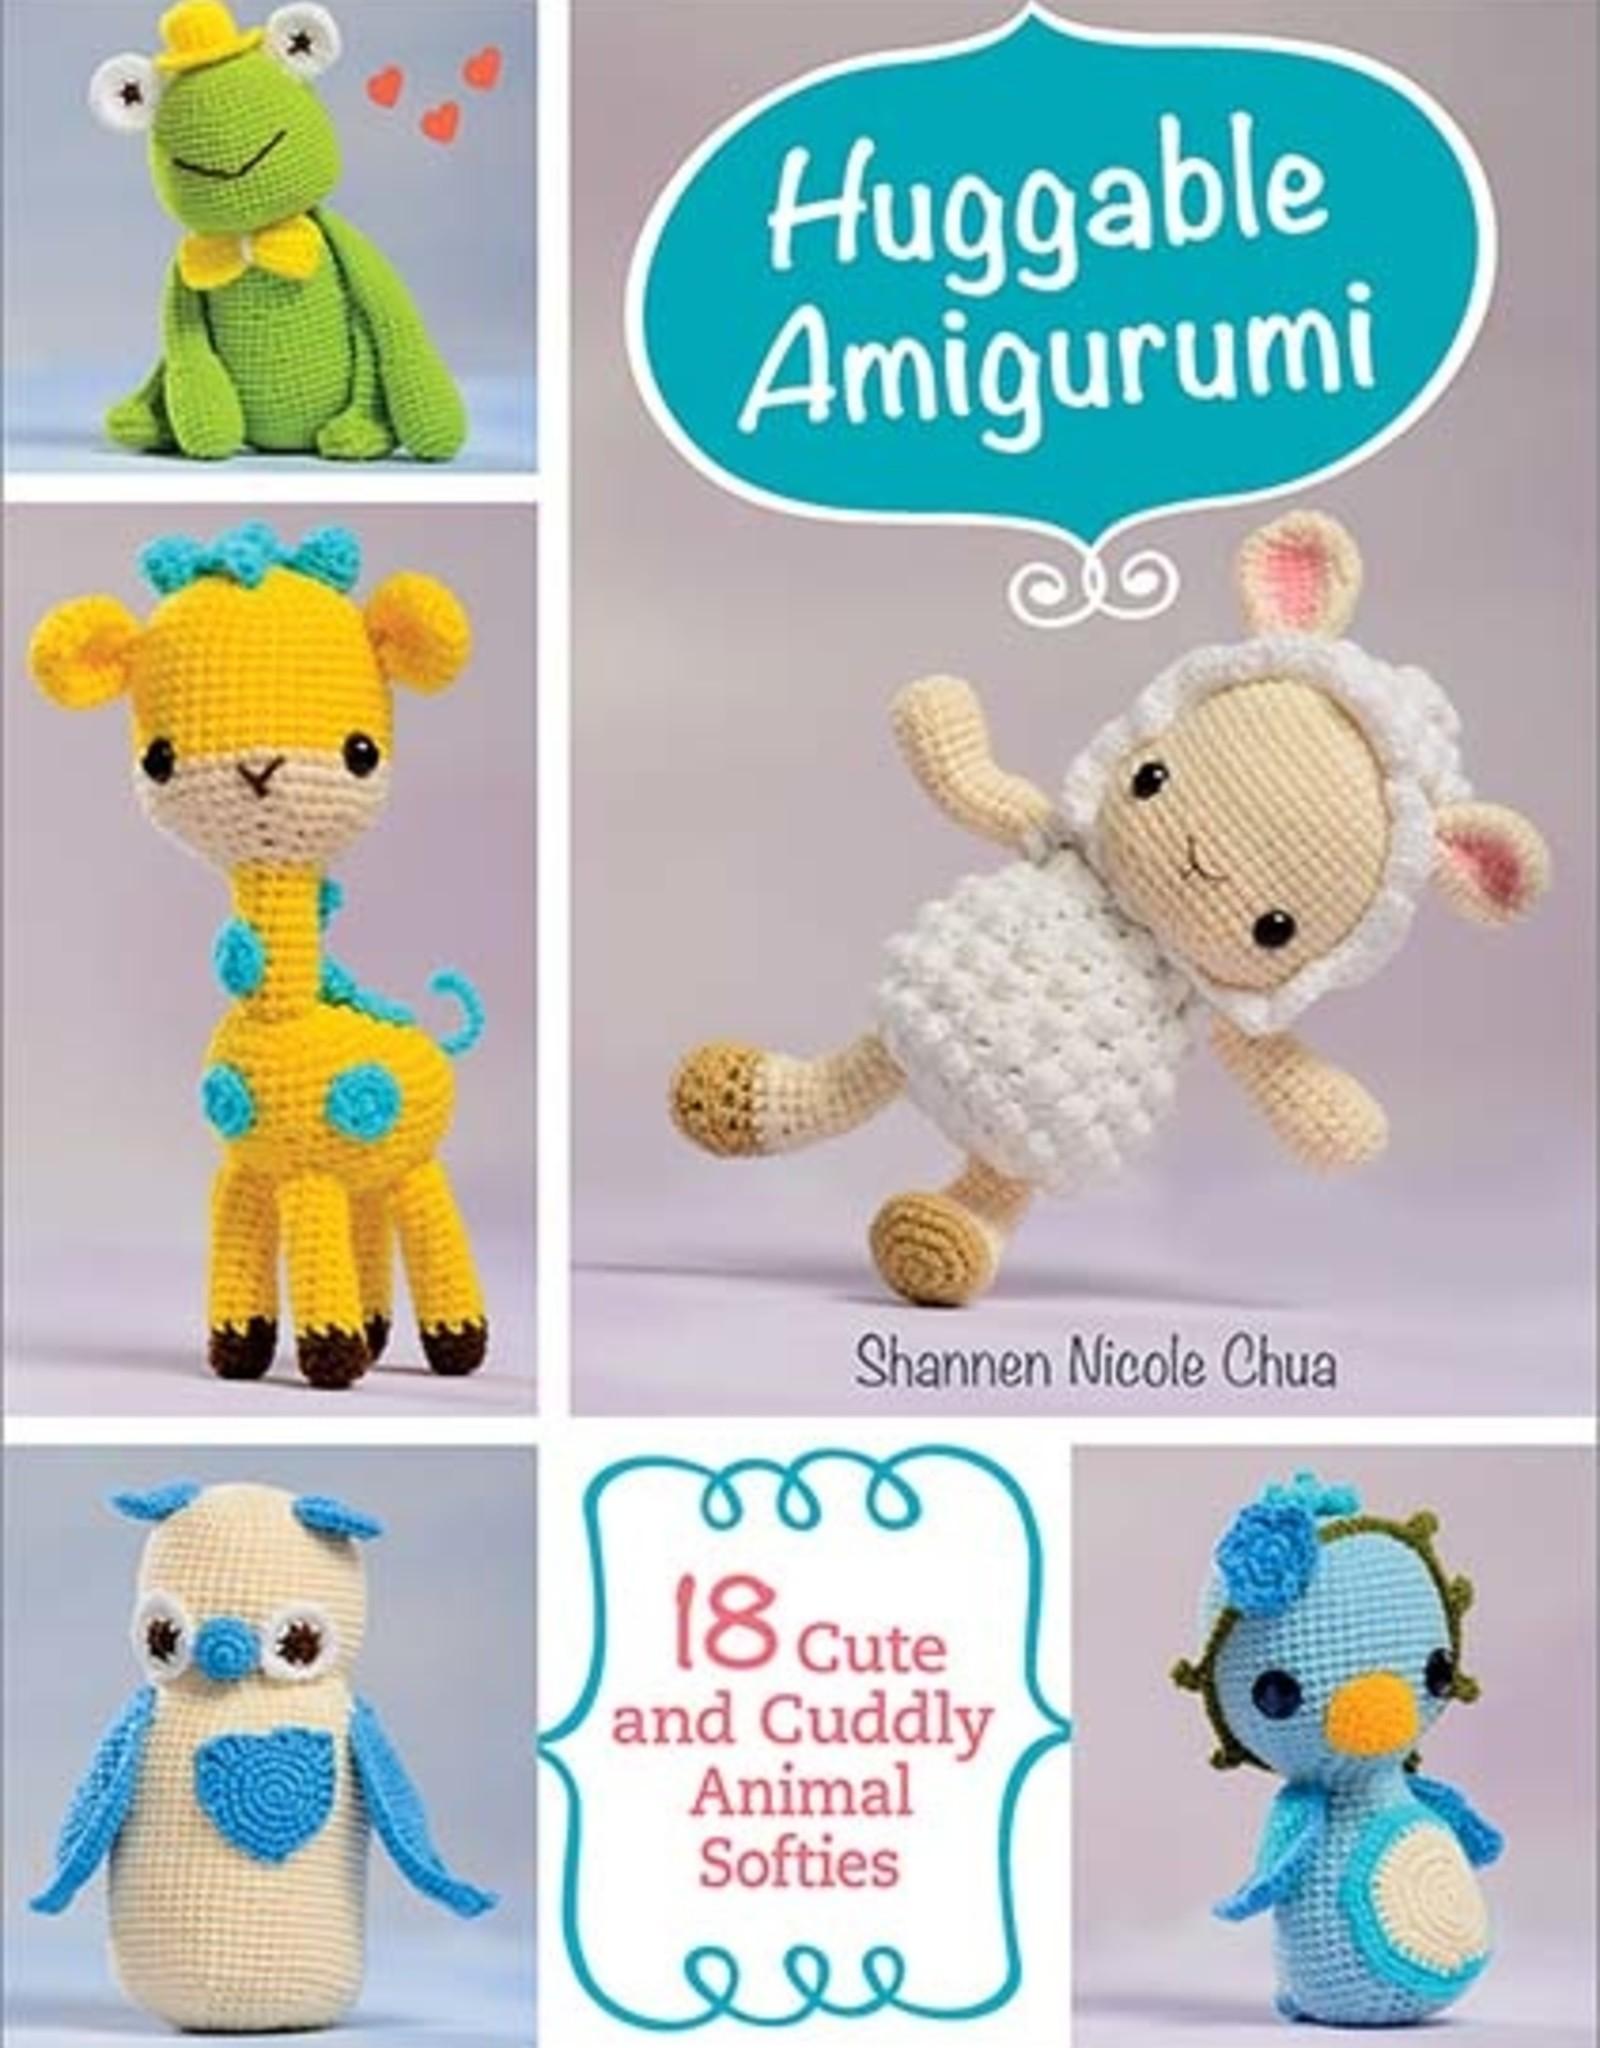 Huggable Amigurumi Book